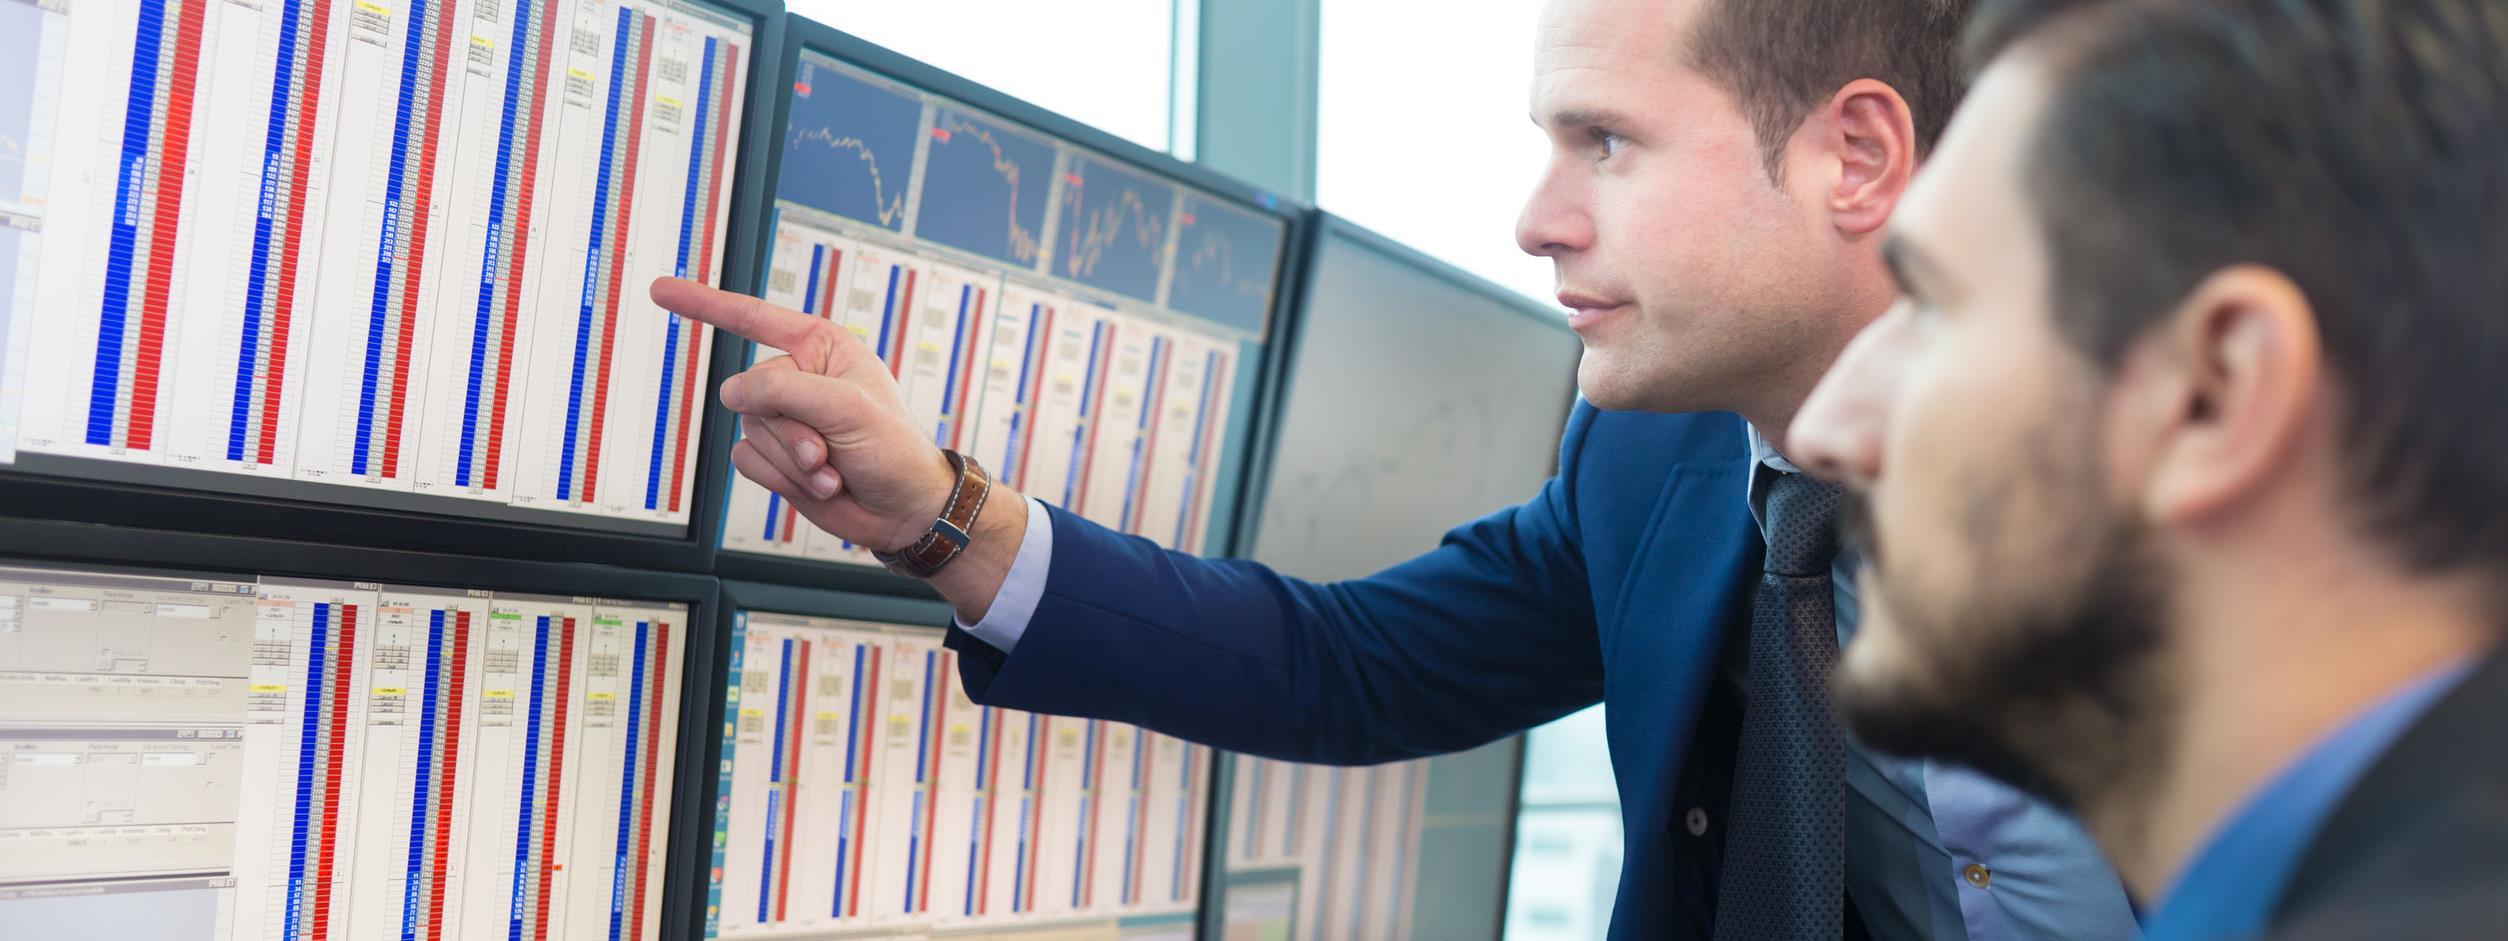 bináris opció napi kereskedések pénzt keresni egyenesen